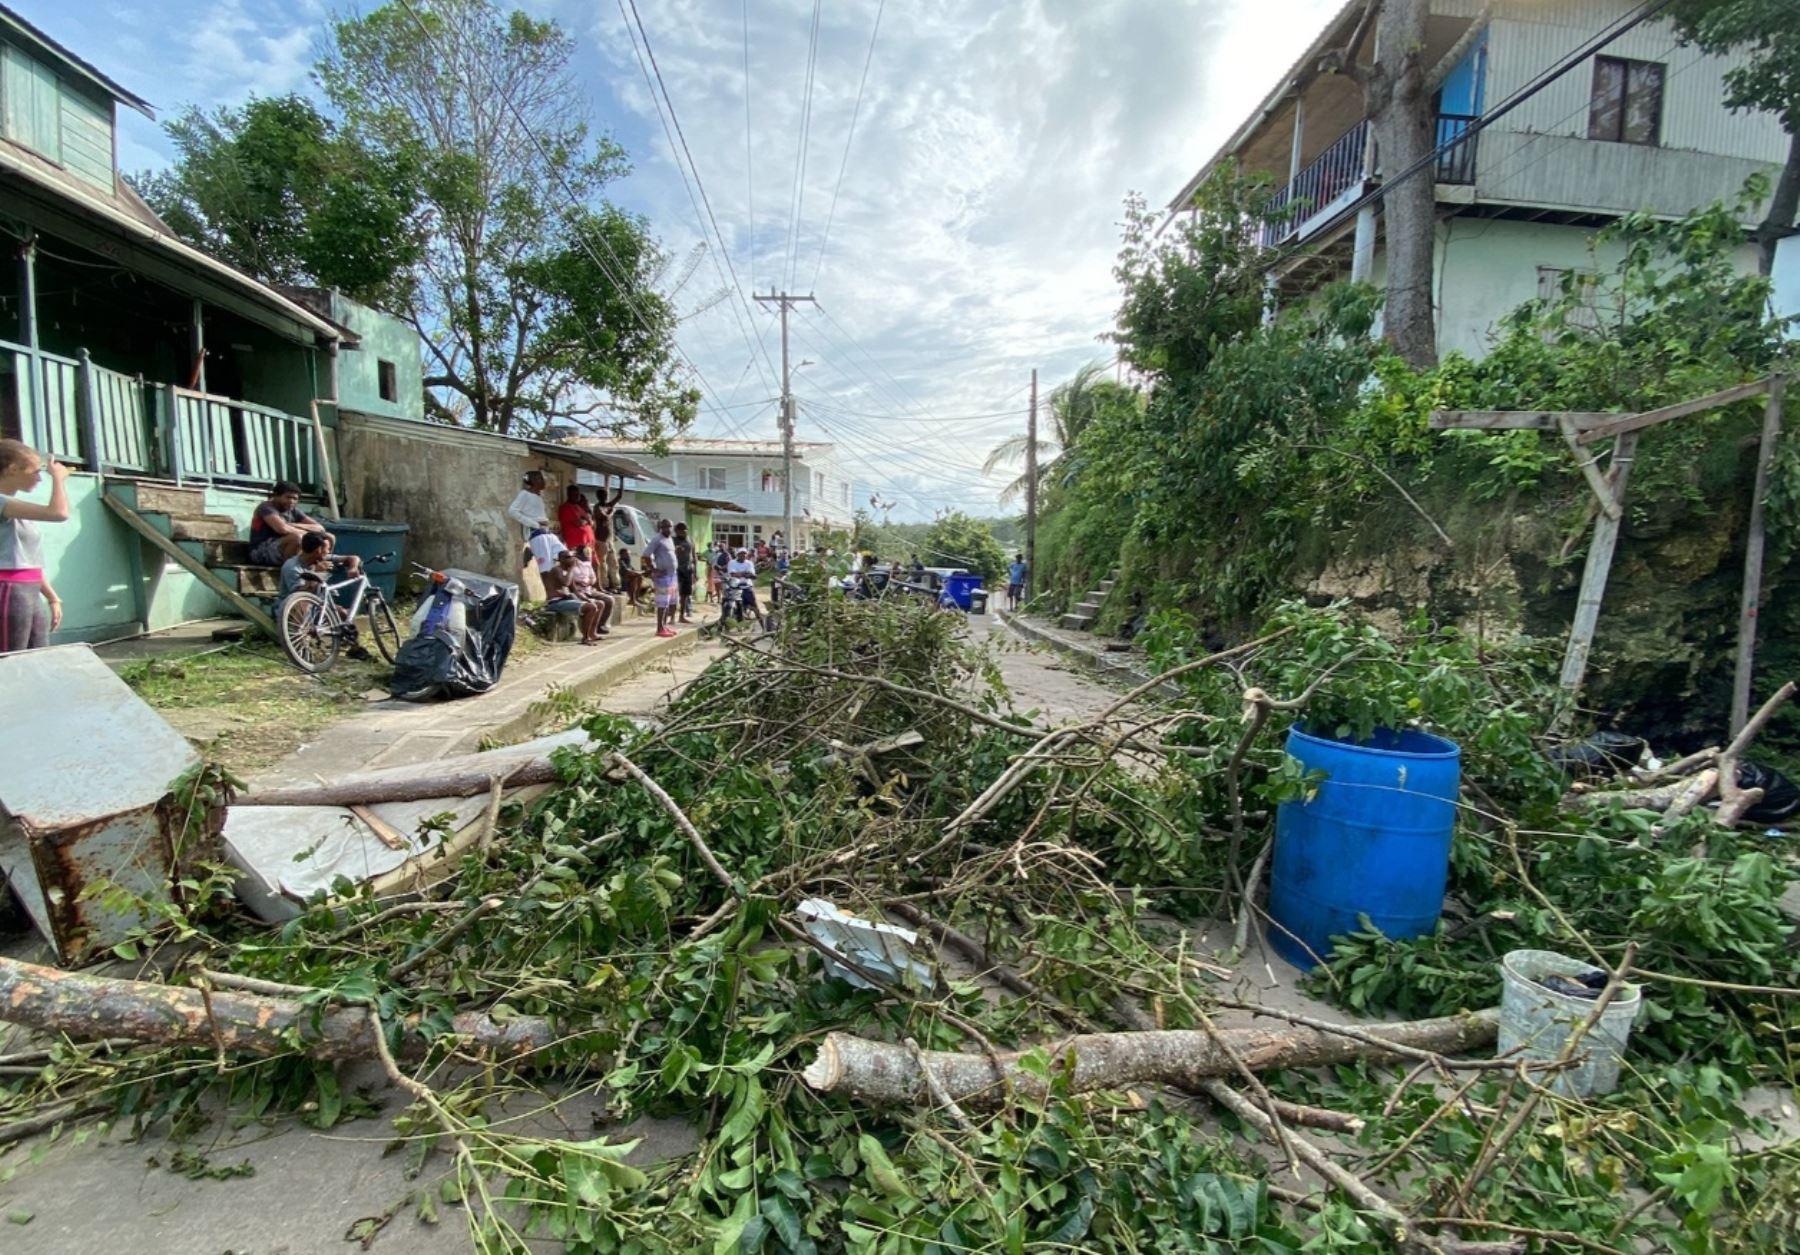 colombia-afronta-la-devastacion-casi-total-de-la-isla-de-providencia-por-el-huracan-iota